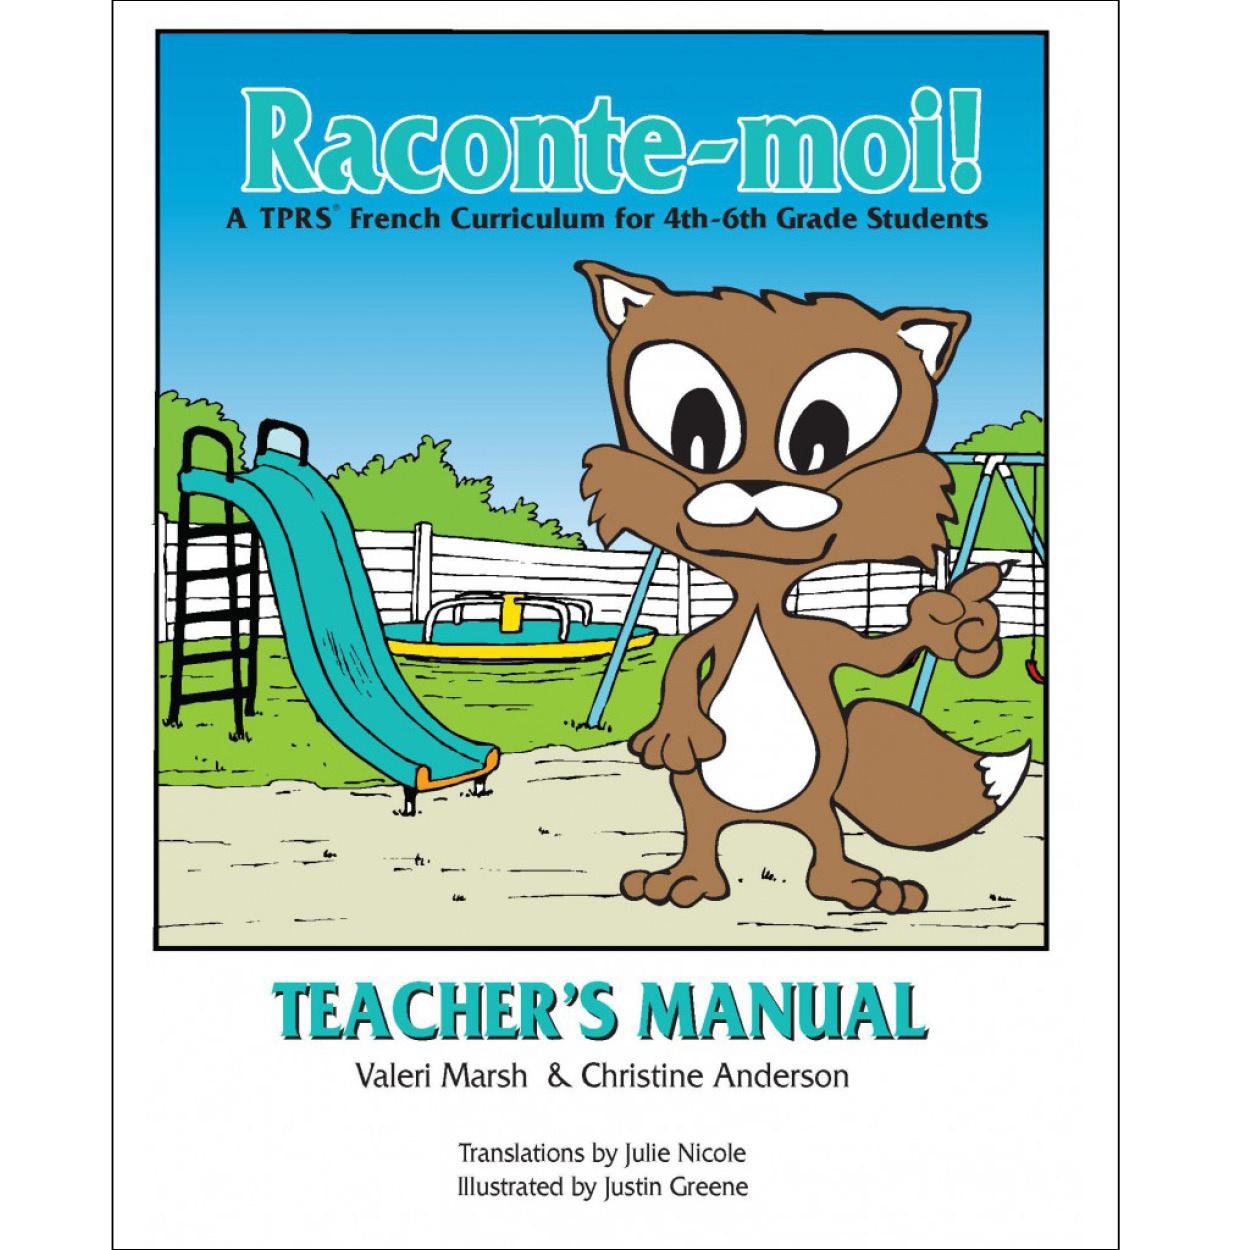 Raconte-moi! Teacher's Manual